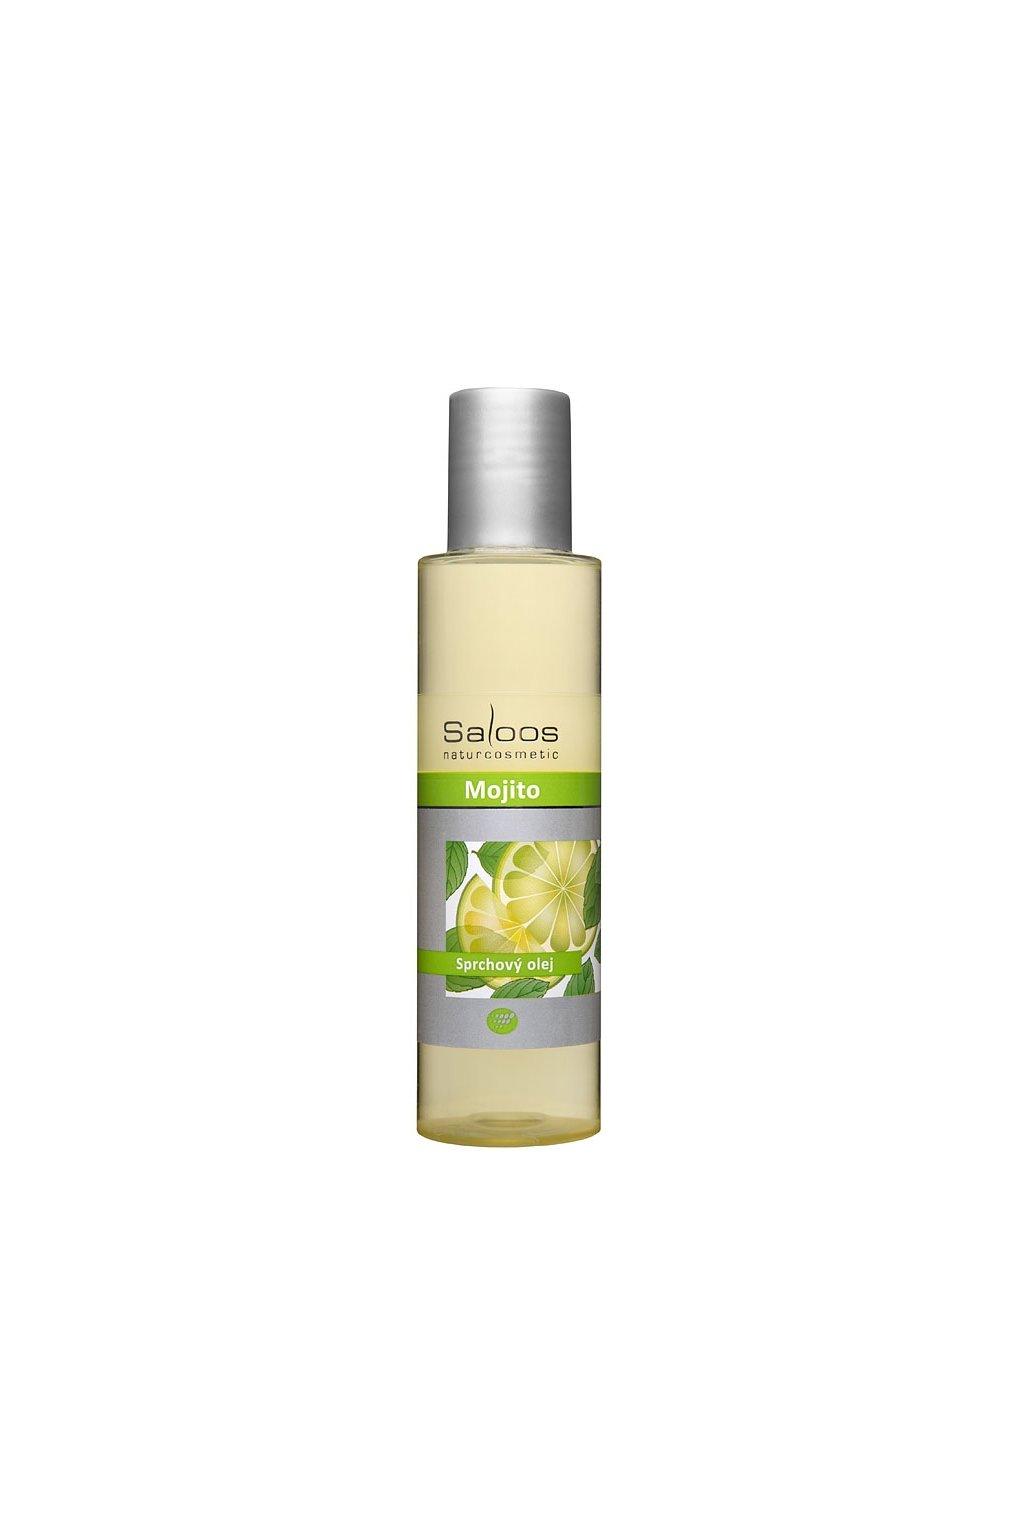 Saloos Mojito sprchový olej (varianta 250ml)